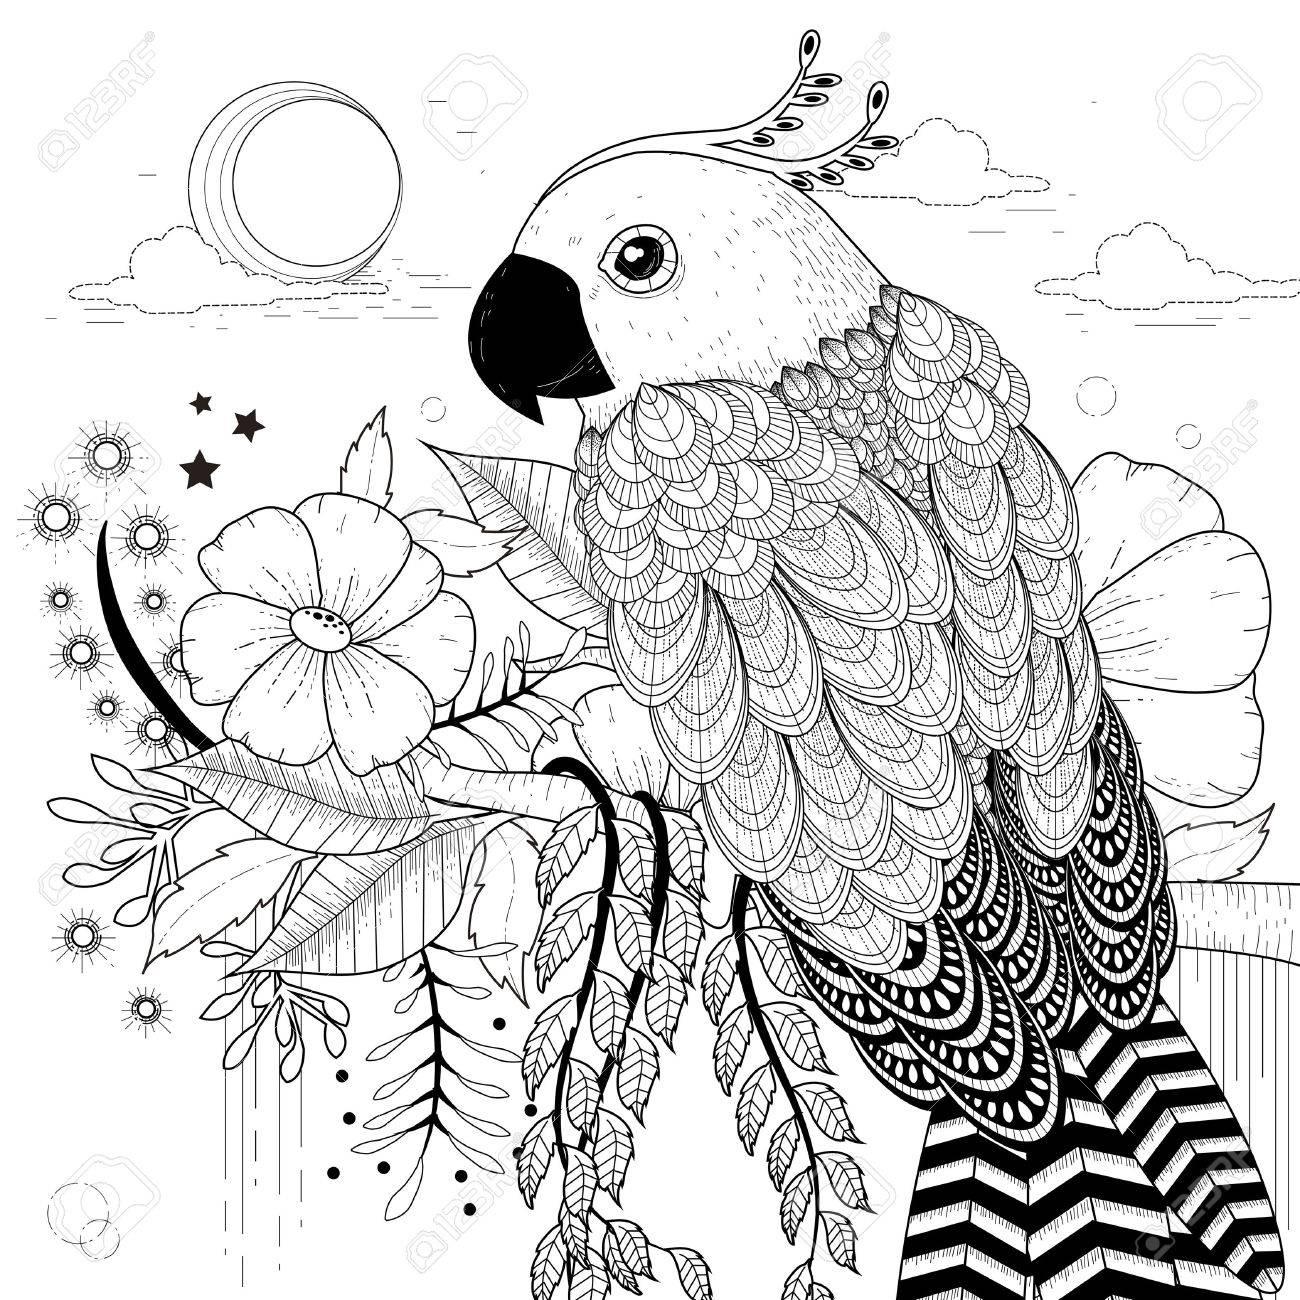 Belle Page A Colorier De Perroquet Dans Un Style Exquis Clip Art Libres De Droits Vecteurs Et Illustration Image 45962510